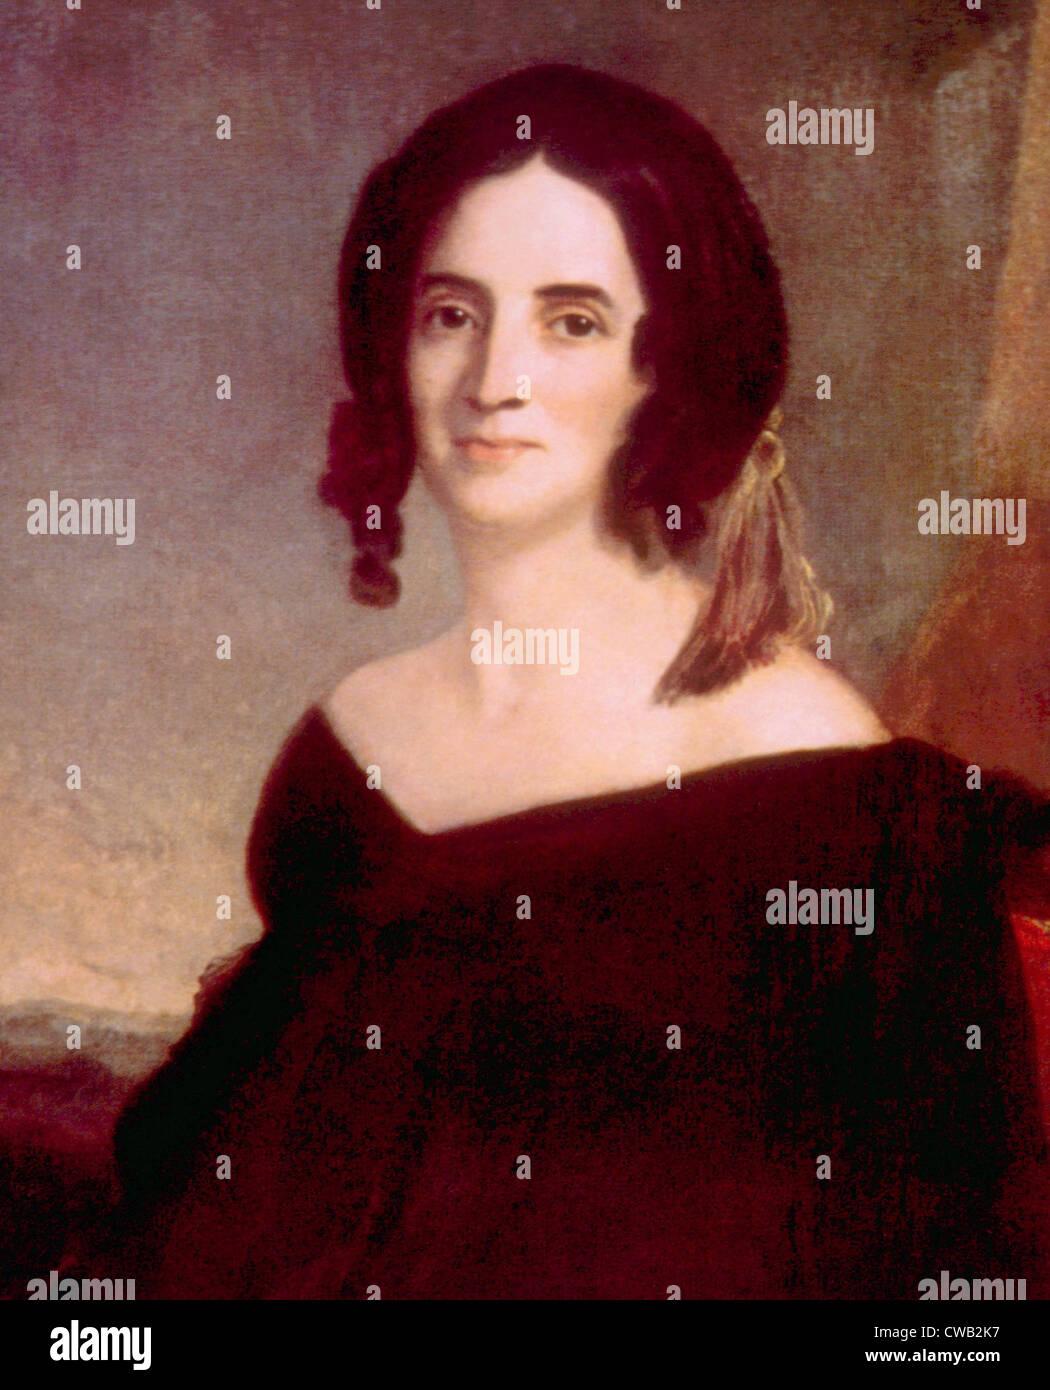 Sarah Polk (1803-1891), First Lady (1845-1849) - Stock Image